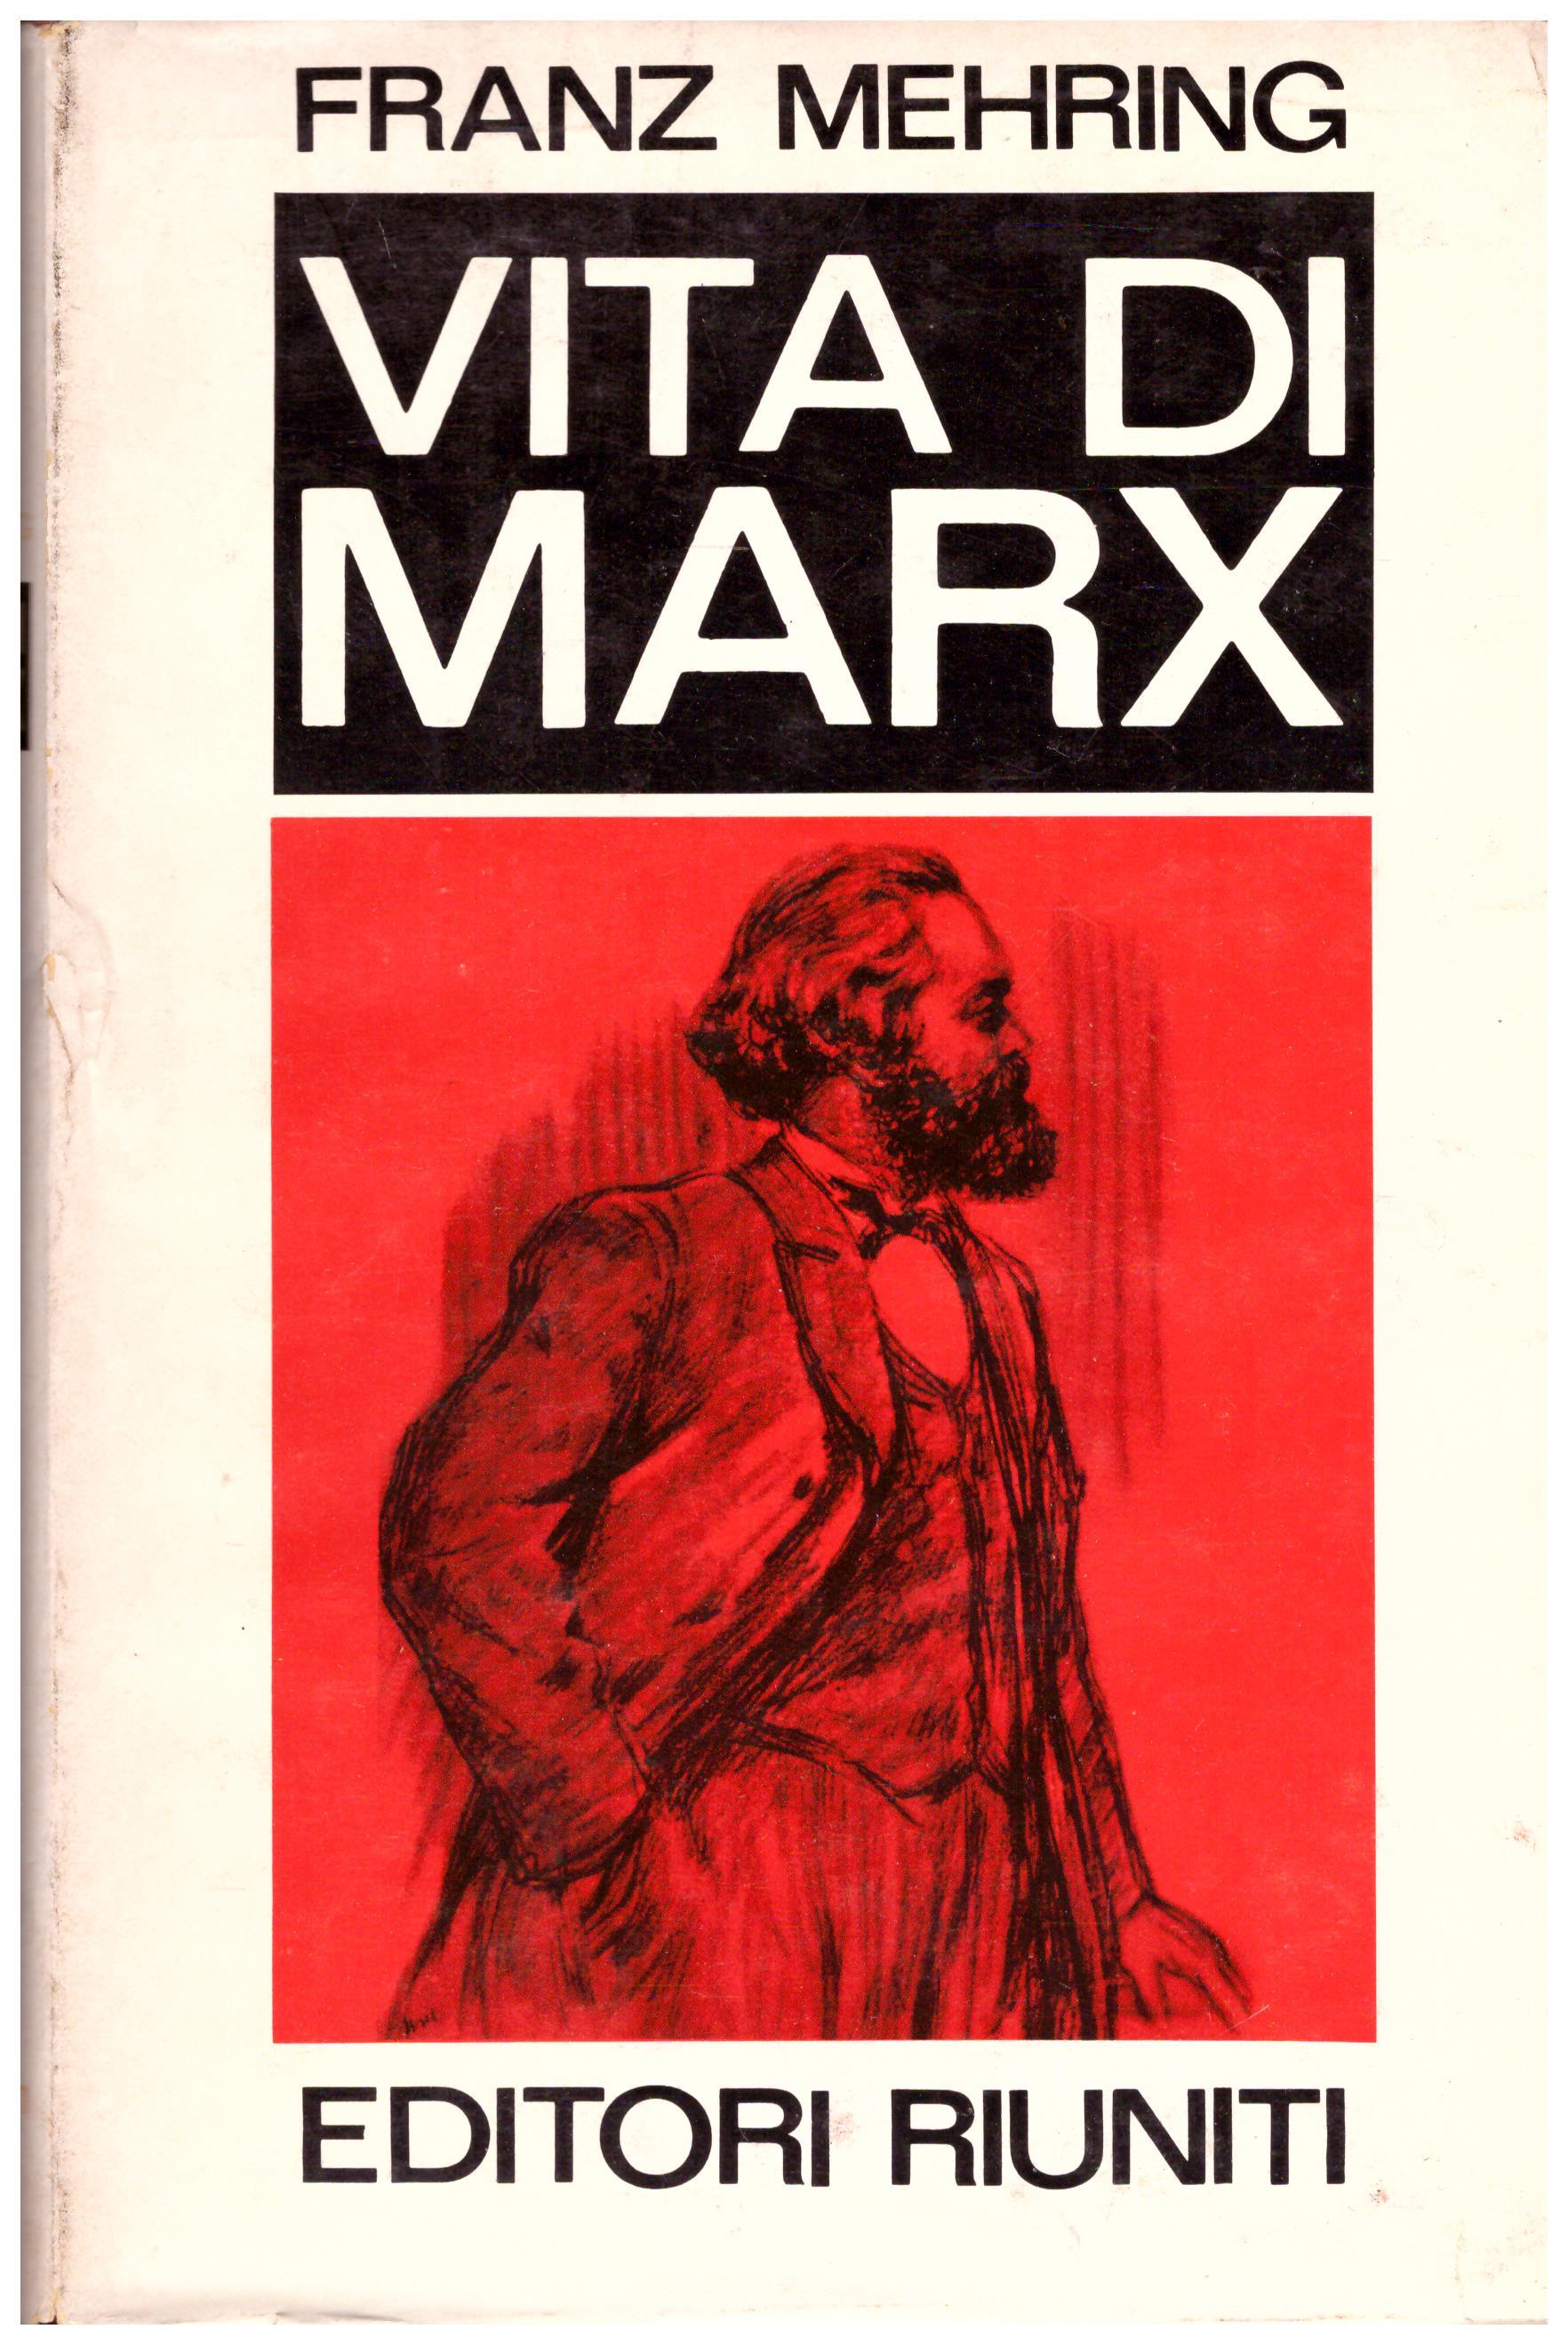 Titolo: Vita di Marx Autore:Franz Mehring Editore: editori riuniti, 1972